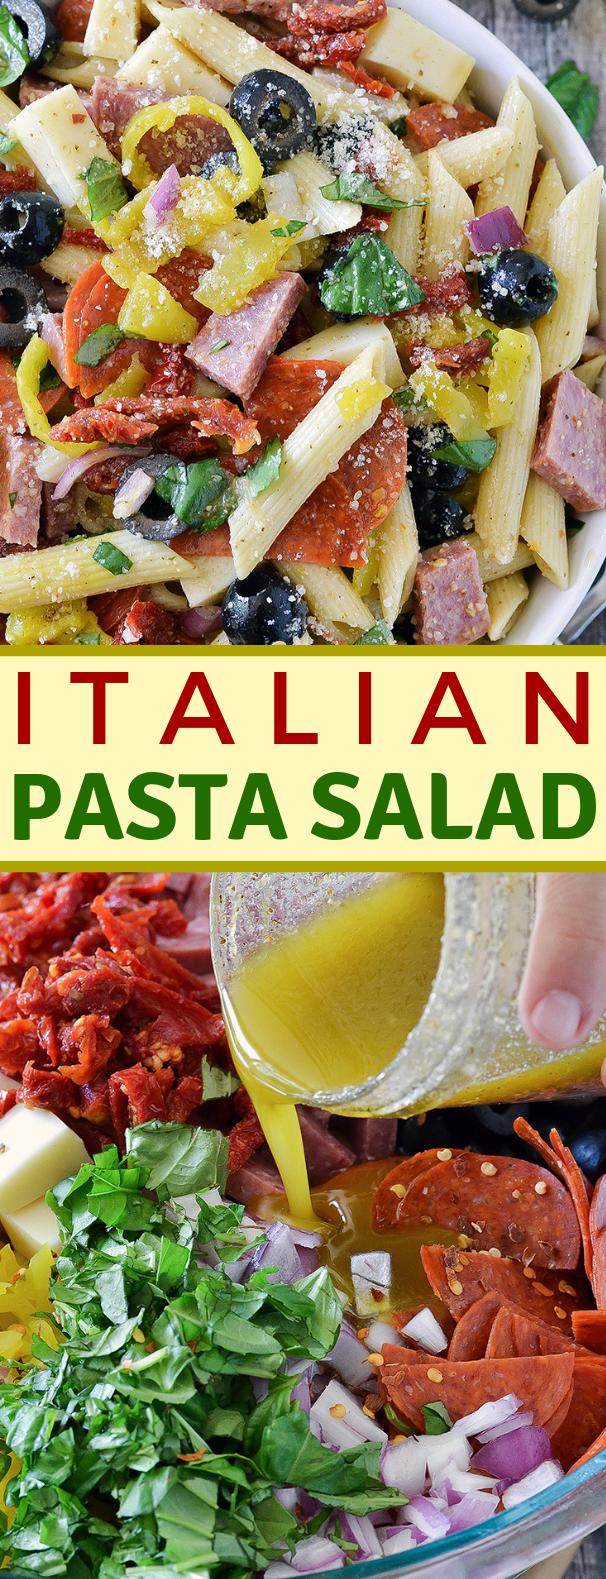 ITALIAN PASTA SALAD #vegetarian #gardensalad